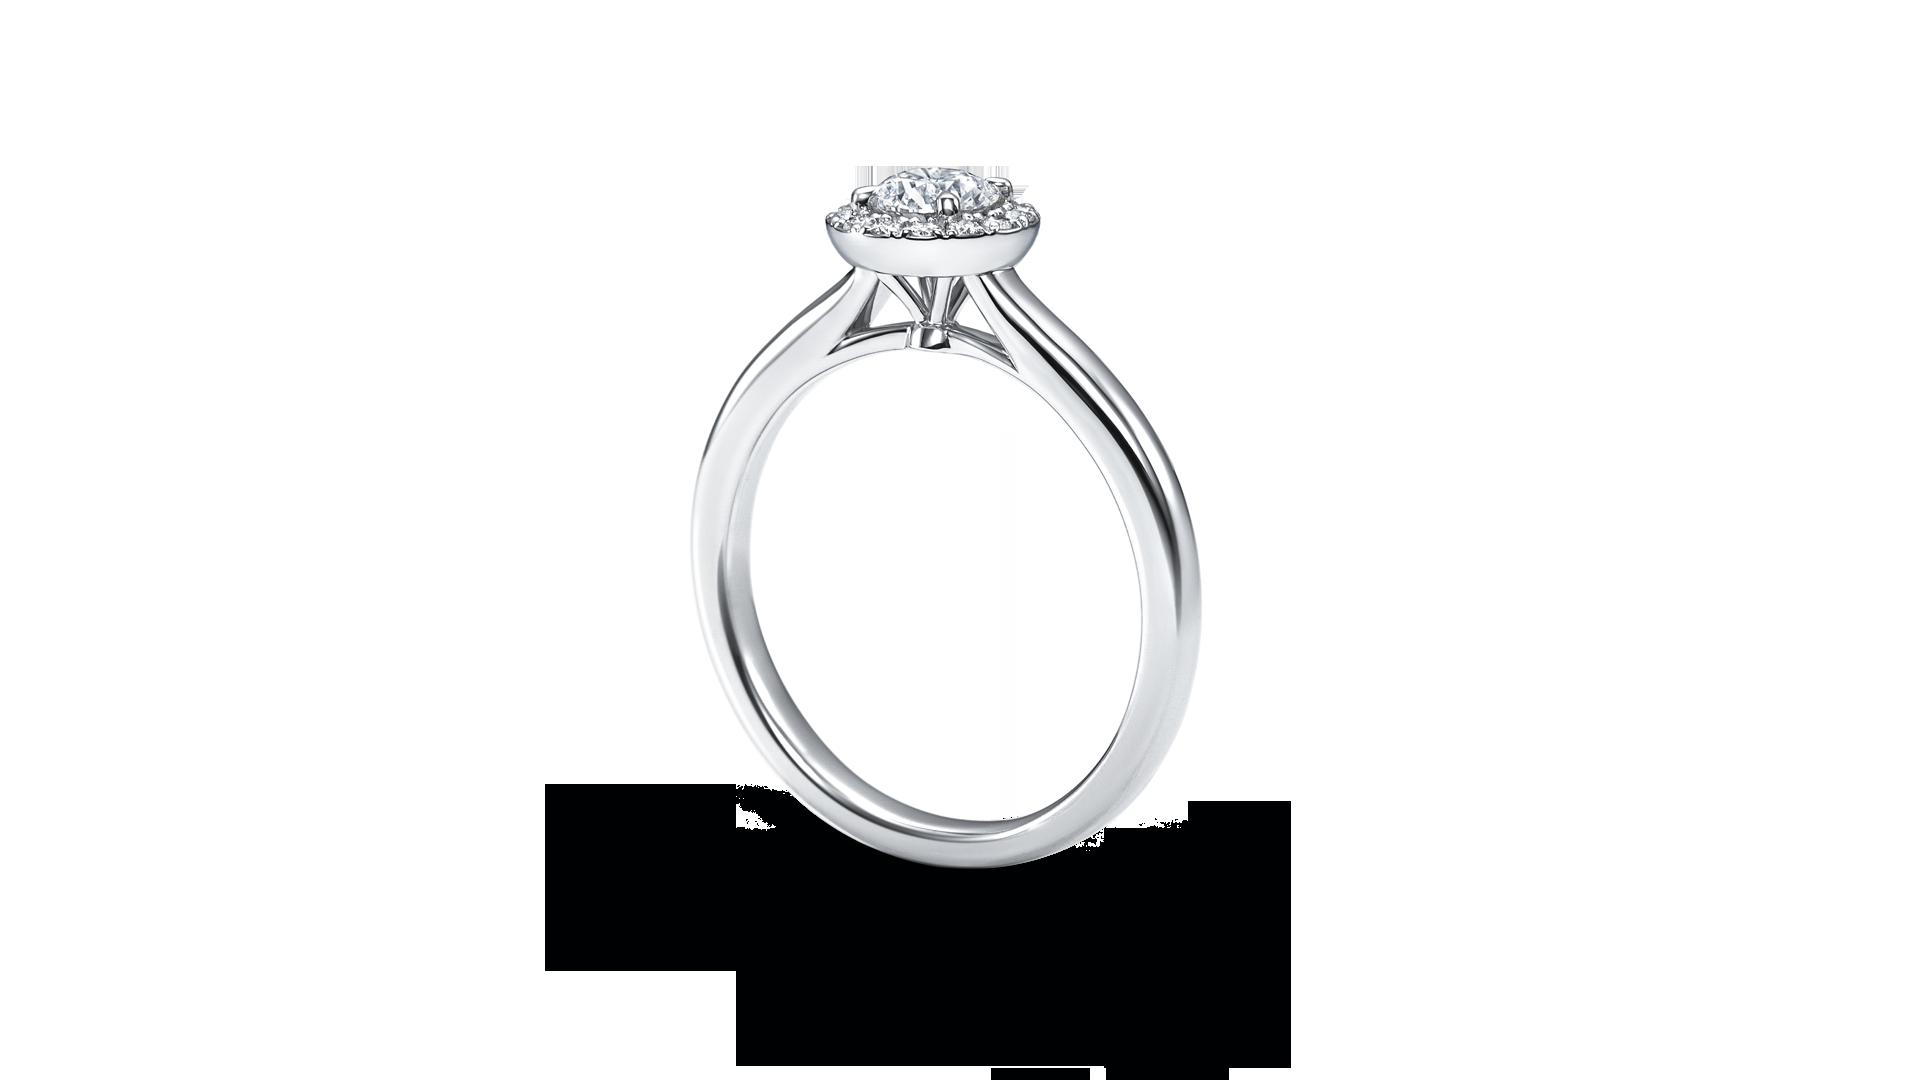 fomalhaut フォーマルハウト | 婚約指輪サムネイル 3